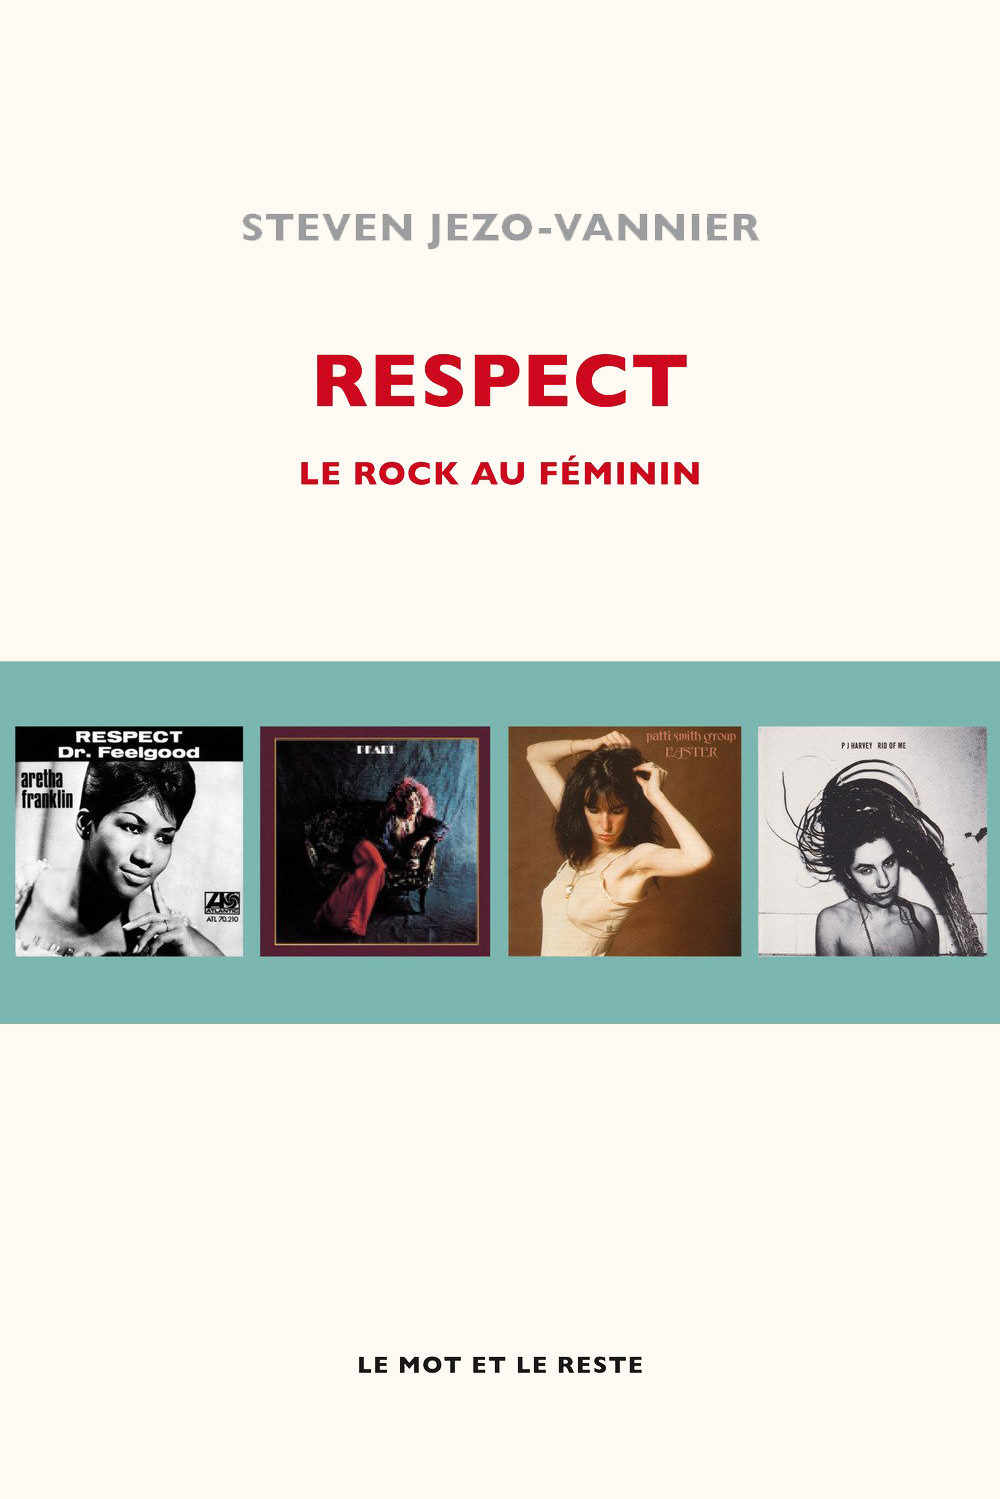 Respect, le rock au féminin